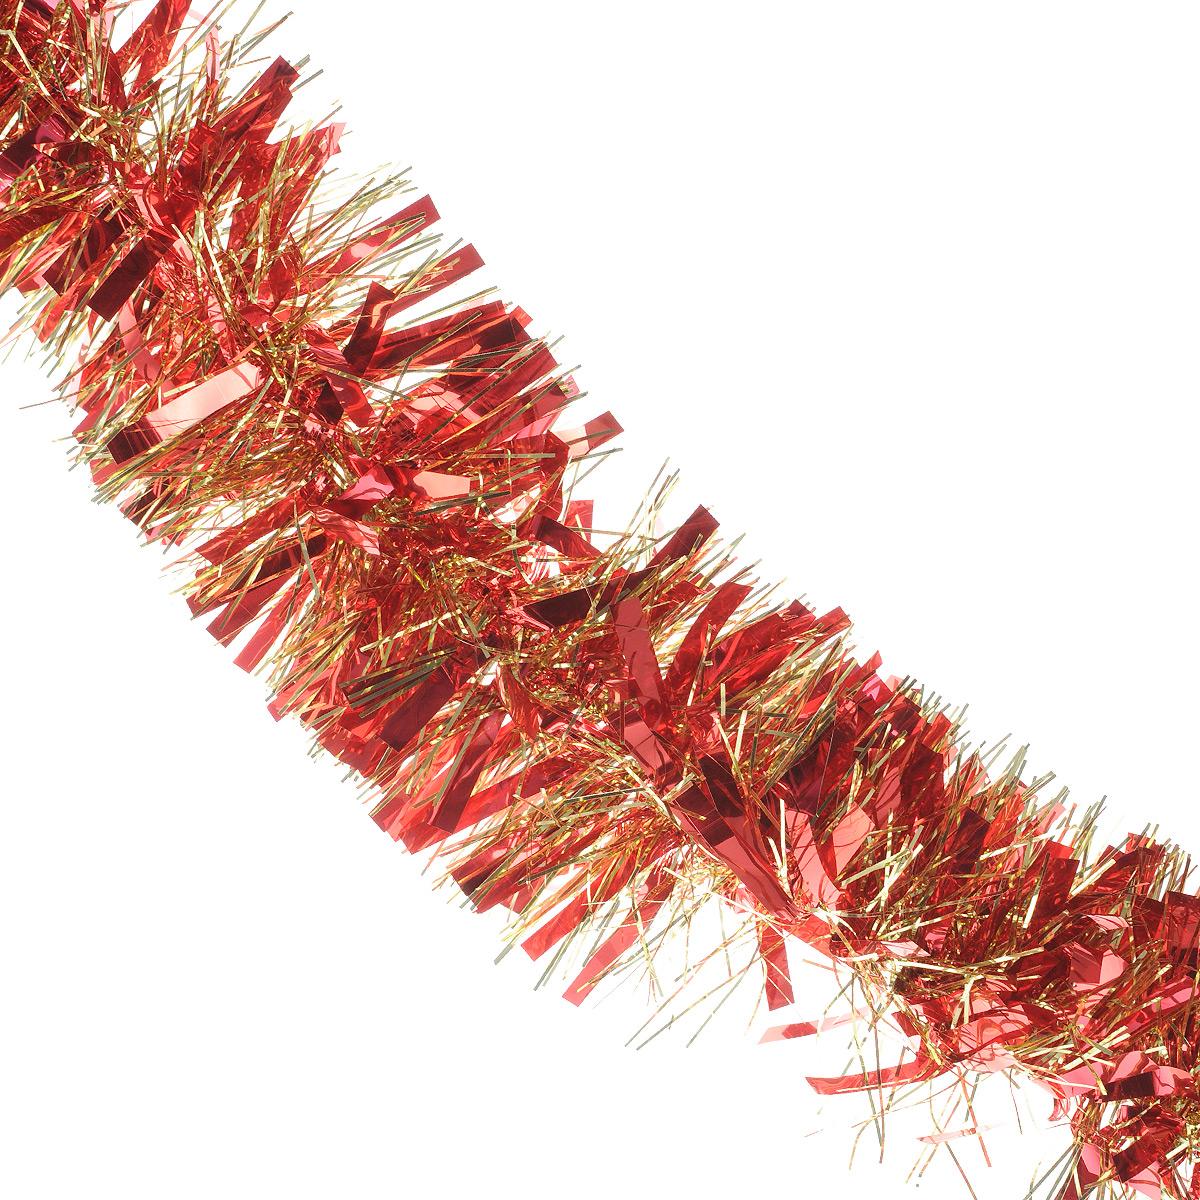 Мишура новогодняя Sima-land, цвет: красный, золотистый, диаметр 9 см, длина 200 см. 702581702581Мишура новогодняя Sima-land, выполненная из фольги, поможет вам украсить свой дом к предстоящим праздникам. Мишура армирована, то есть имеет проволоку внутри и способна сохранять приданную ей форму. Новогодней мишурой можно украсить все, что угодно - елку, квартиру, дачу, офис - как внутри, так и снаружи. Можно сложить новогодние поздравления, буквы и цифры, мишурой можно украсить и дополнить гирлянды, можно выделить дверные колонны, оплести дверные проемы. Коллекция декоративных украшений из серии Зимнее волшебство принесет в ваш дом ни с чем несравнимое ощущение праздника! Создайте в своем доме атмосферу тепла, веселья и радости, украшая его всей семьей.